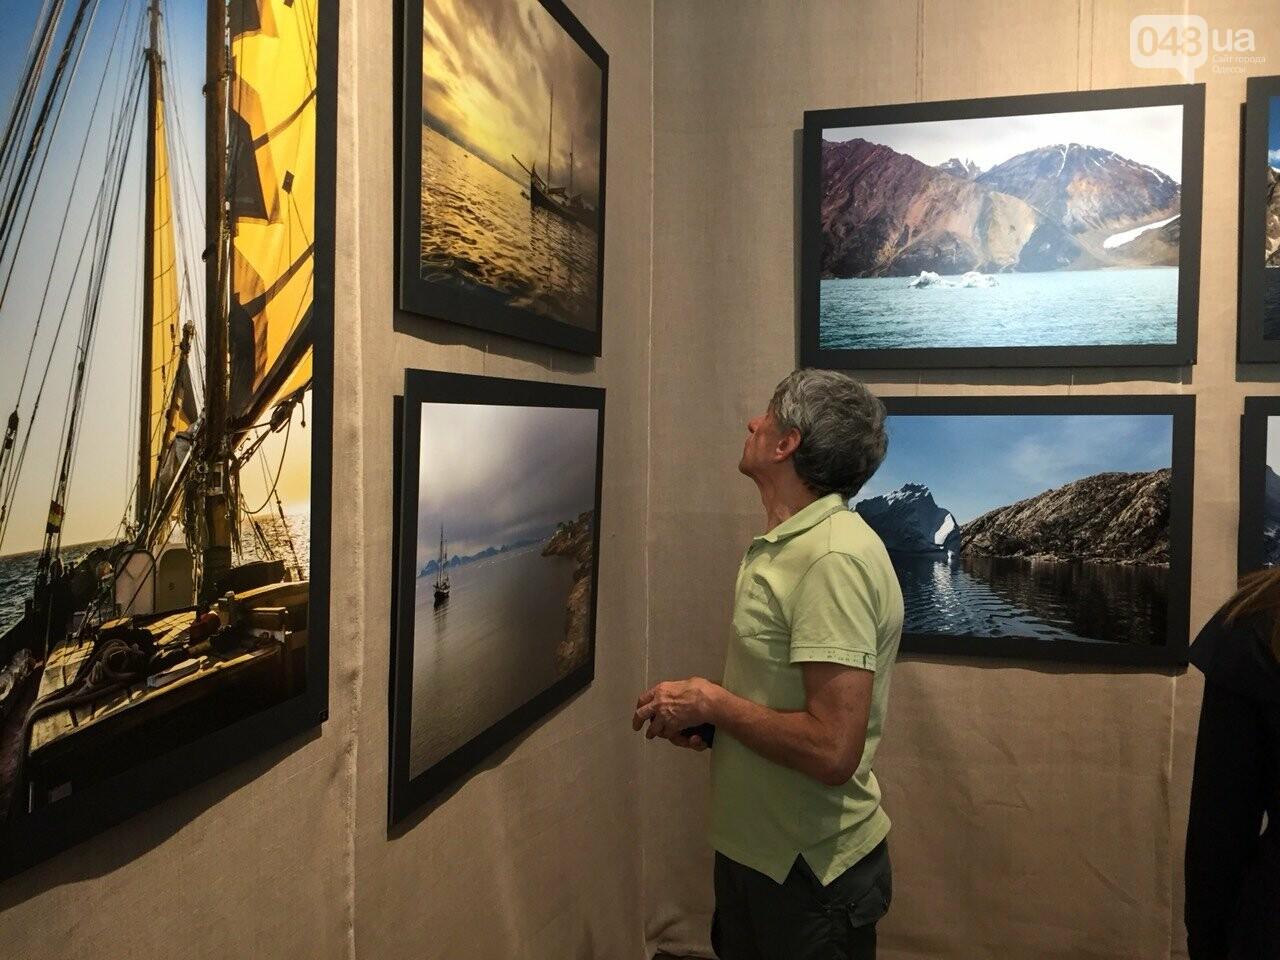 Арктическая сага: На фотовыставке в Одессе можно помочь детям, - ФОТО, ВИДЕО, фото-16